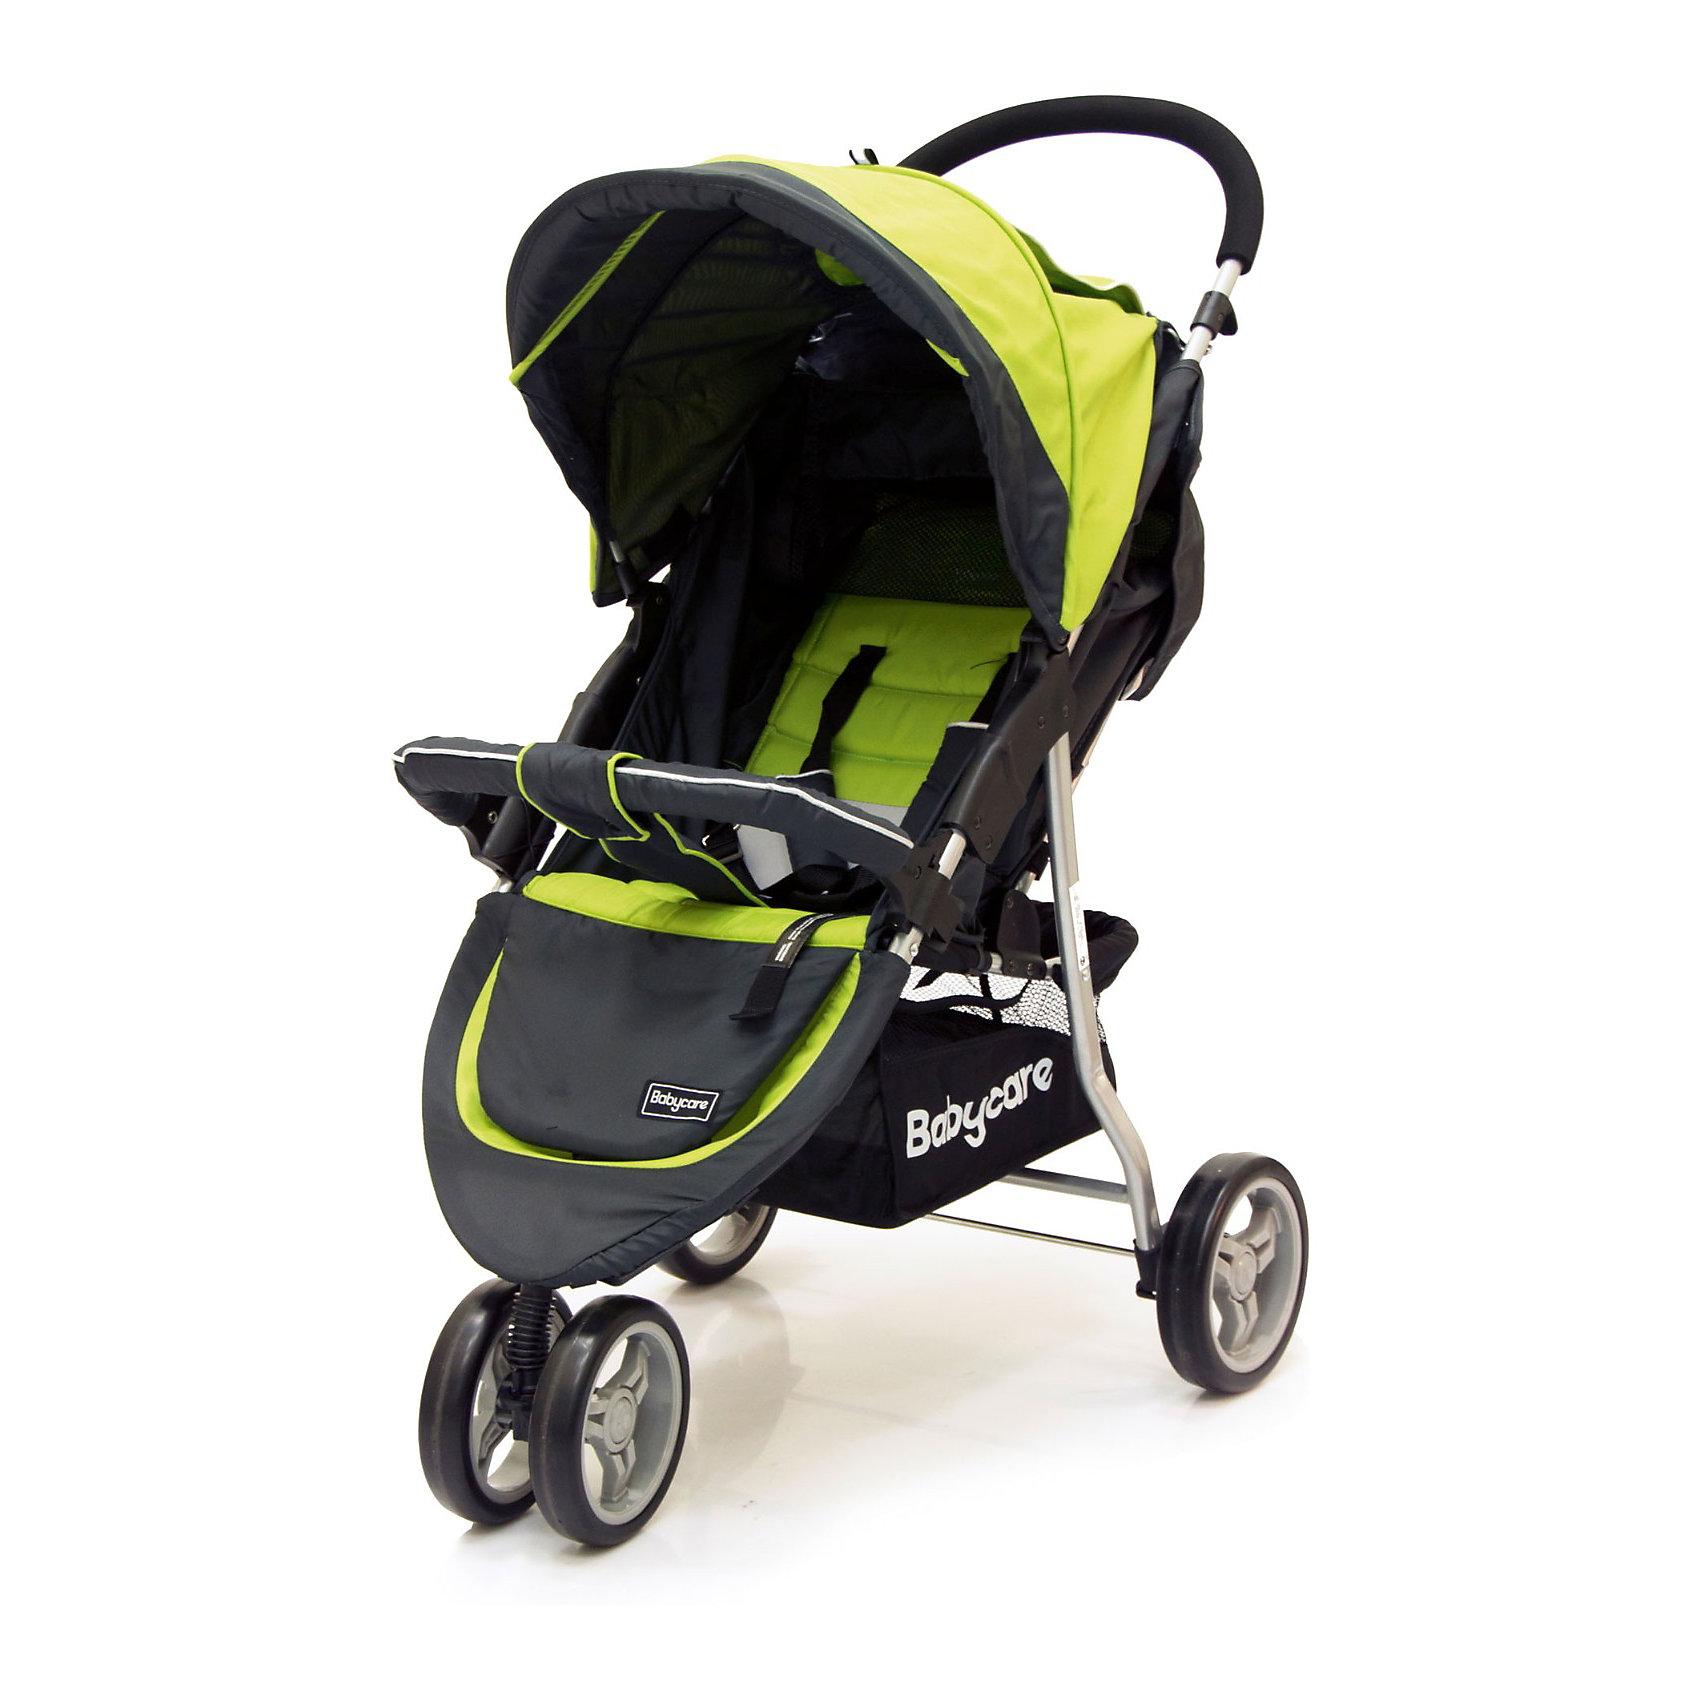 Прогулочная коляска Baby Care Jogger Lite, зеленыйНедорогие коляски<br>Характеристики коляски Baby Care Jogger Lite:<br><br>• угол наклона спинки регулируется почти до горизонтального положения;<br>• регулируемый капюшон оснащен солнцезащитным козырьком;<br>• на капюшоне имеется смотровое окошко под клапаном и карман для мелочей;<br>• регулируемая подножка;<br>• наличие 5-ти точечных ремней безопасности;<br>• каркасный съемный бампер с мягким чехлом;<br>• тканевый разделитель для ножек, крепится кнопкой к бамперу;<br>• материал прогулочного блока: полиэстер. <br><br>Характеристики шасси коляски Baby Care Jogger Lite:<br><br>• 3-х колесная коляска;<br>• пластиковые колеса;<br>• переднее сдвоенное поворотное колесо с блокировкой;<br>• вместительная корзина для покупок;<br>• тип складывания: книжка, устойчивая в сложенном виде в вертикальном положении;<br>• материал рамы: алюминий;<br>• материал колес: пластик.<br><br>Маневренная прогулочная коляска с высокой степенью проходимости предназначена для детей в возрасте от 6 месяцев до 3-х лет, вес которых находится в пределах 15 кг. Регулируемая спинка и подножка позволяют подобрать для малыша удобное положение как во время сна, так и во время бодрствования.  <br><br>Размеры коляски:<br><br>• размер в сложенном виде: 53х83х40 см;<br>• вес коляски: 7,5 кг;<br>• размер сиденья: 20х30 см, высота от пола 40 см;<br>• длина спального места: 60 см;<br>• ширина колесной базы: 53 см;<br>• диаметр переднего колеса: 17 см;<br>• диаметр заднего колеса: 19 см;<br>• размер упаковки: 80х20х48 см;<br>• вес упаковки: 9 кг.<br><br>Комплектация: <br><br>• прогулочный блок с капюшоном и бампером;<br>• шасси с колесами и корзиной для покупок;<br>• чехол на ножки;<br>• встроенная москитная сетка под задней шторкой капюшона;<br>• инструкция на русском языке. <br><br>Прогулочную коляску Jogger Lite, Baby Care, зеленую можно купить в нашем интернет-магазине.<br><br>Ширина мм: 800<br>Глубина мм: 200<br>Высота мм: 480<br>Вес г: 9090<br>Возраст от ме